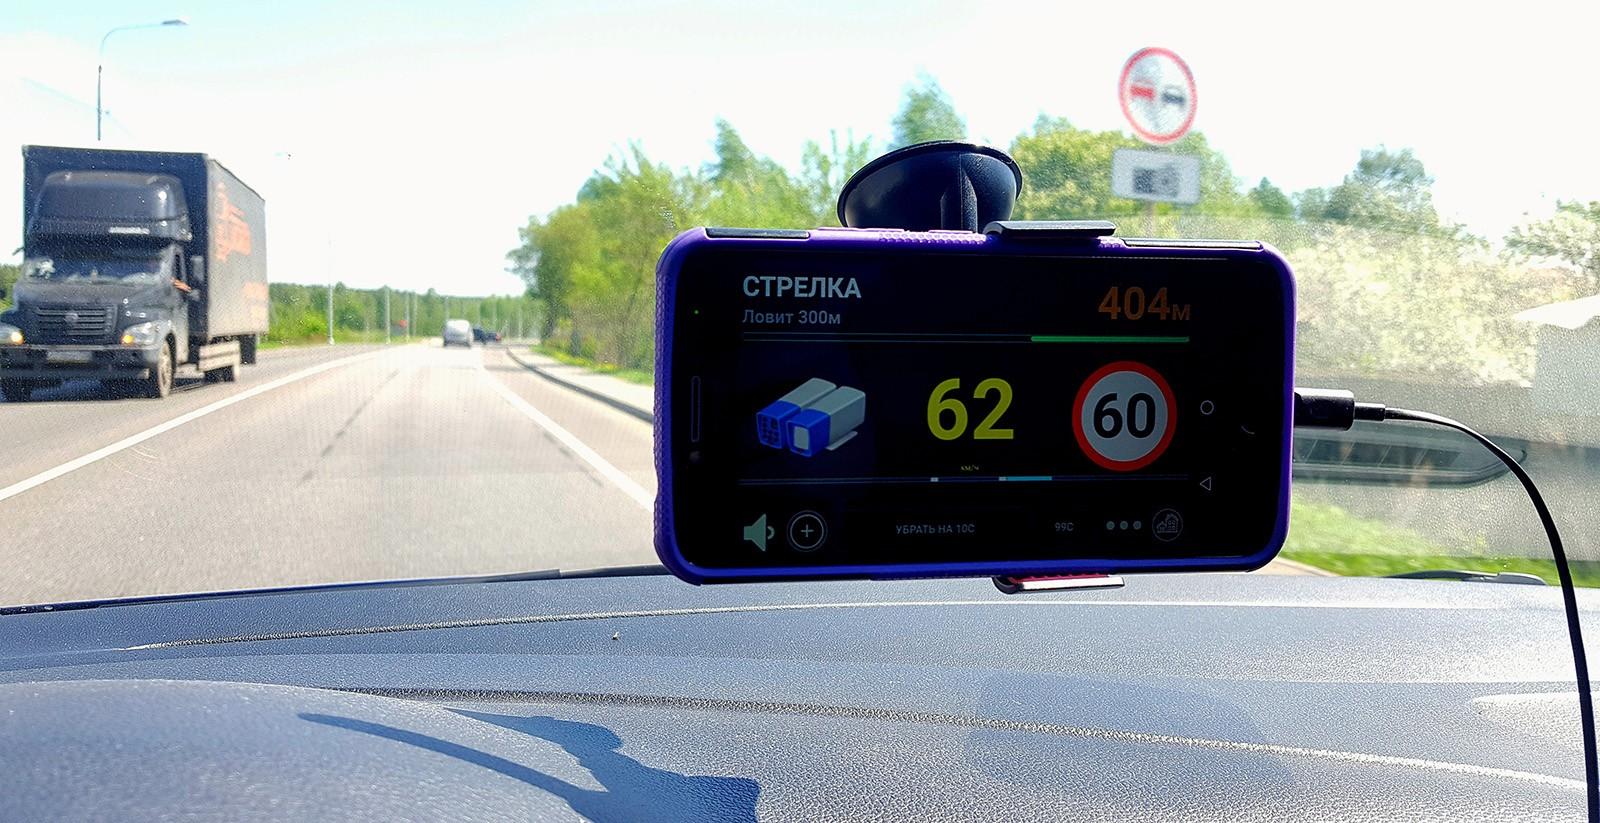 Радар-детектор в смартфоне. Мобильные приложения против детекторов-гаджетов